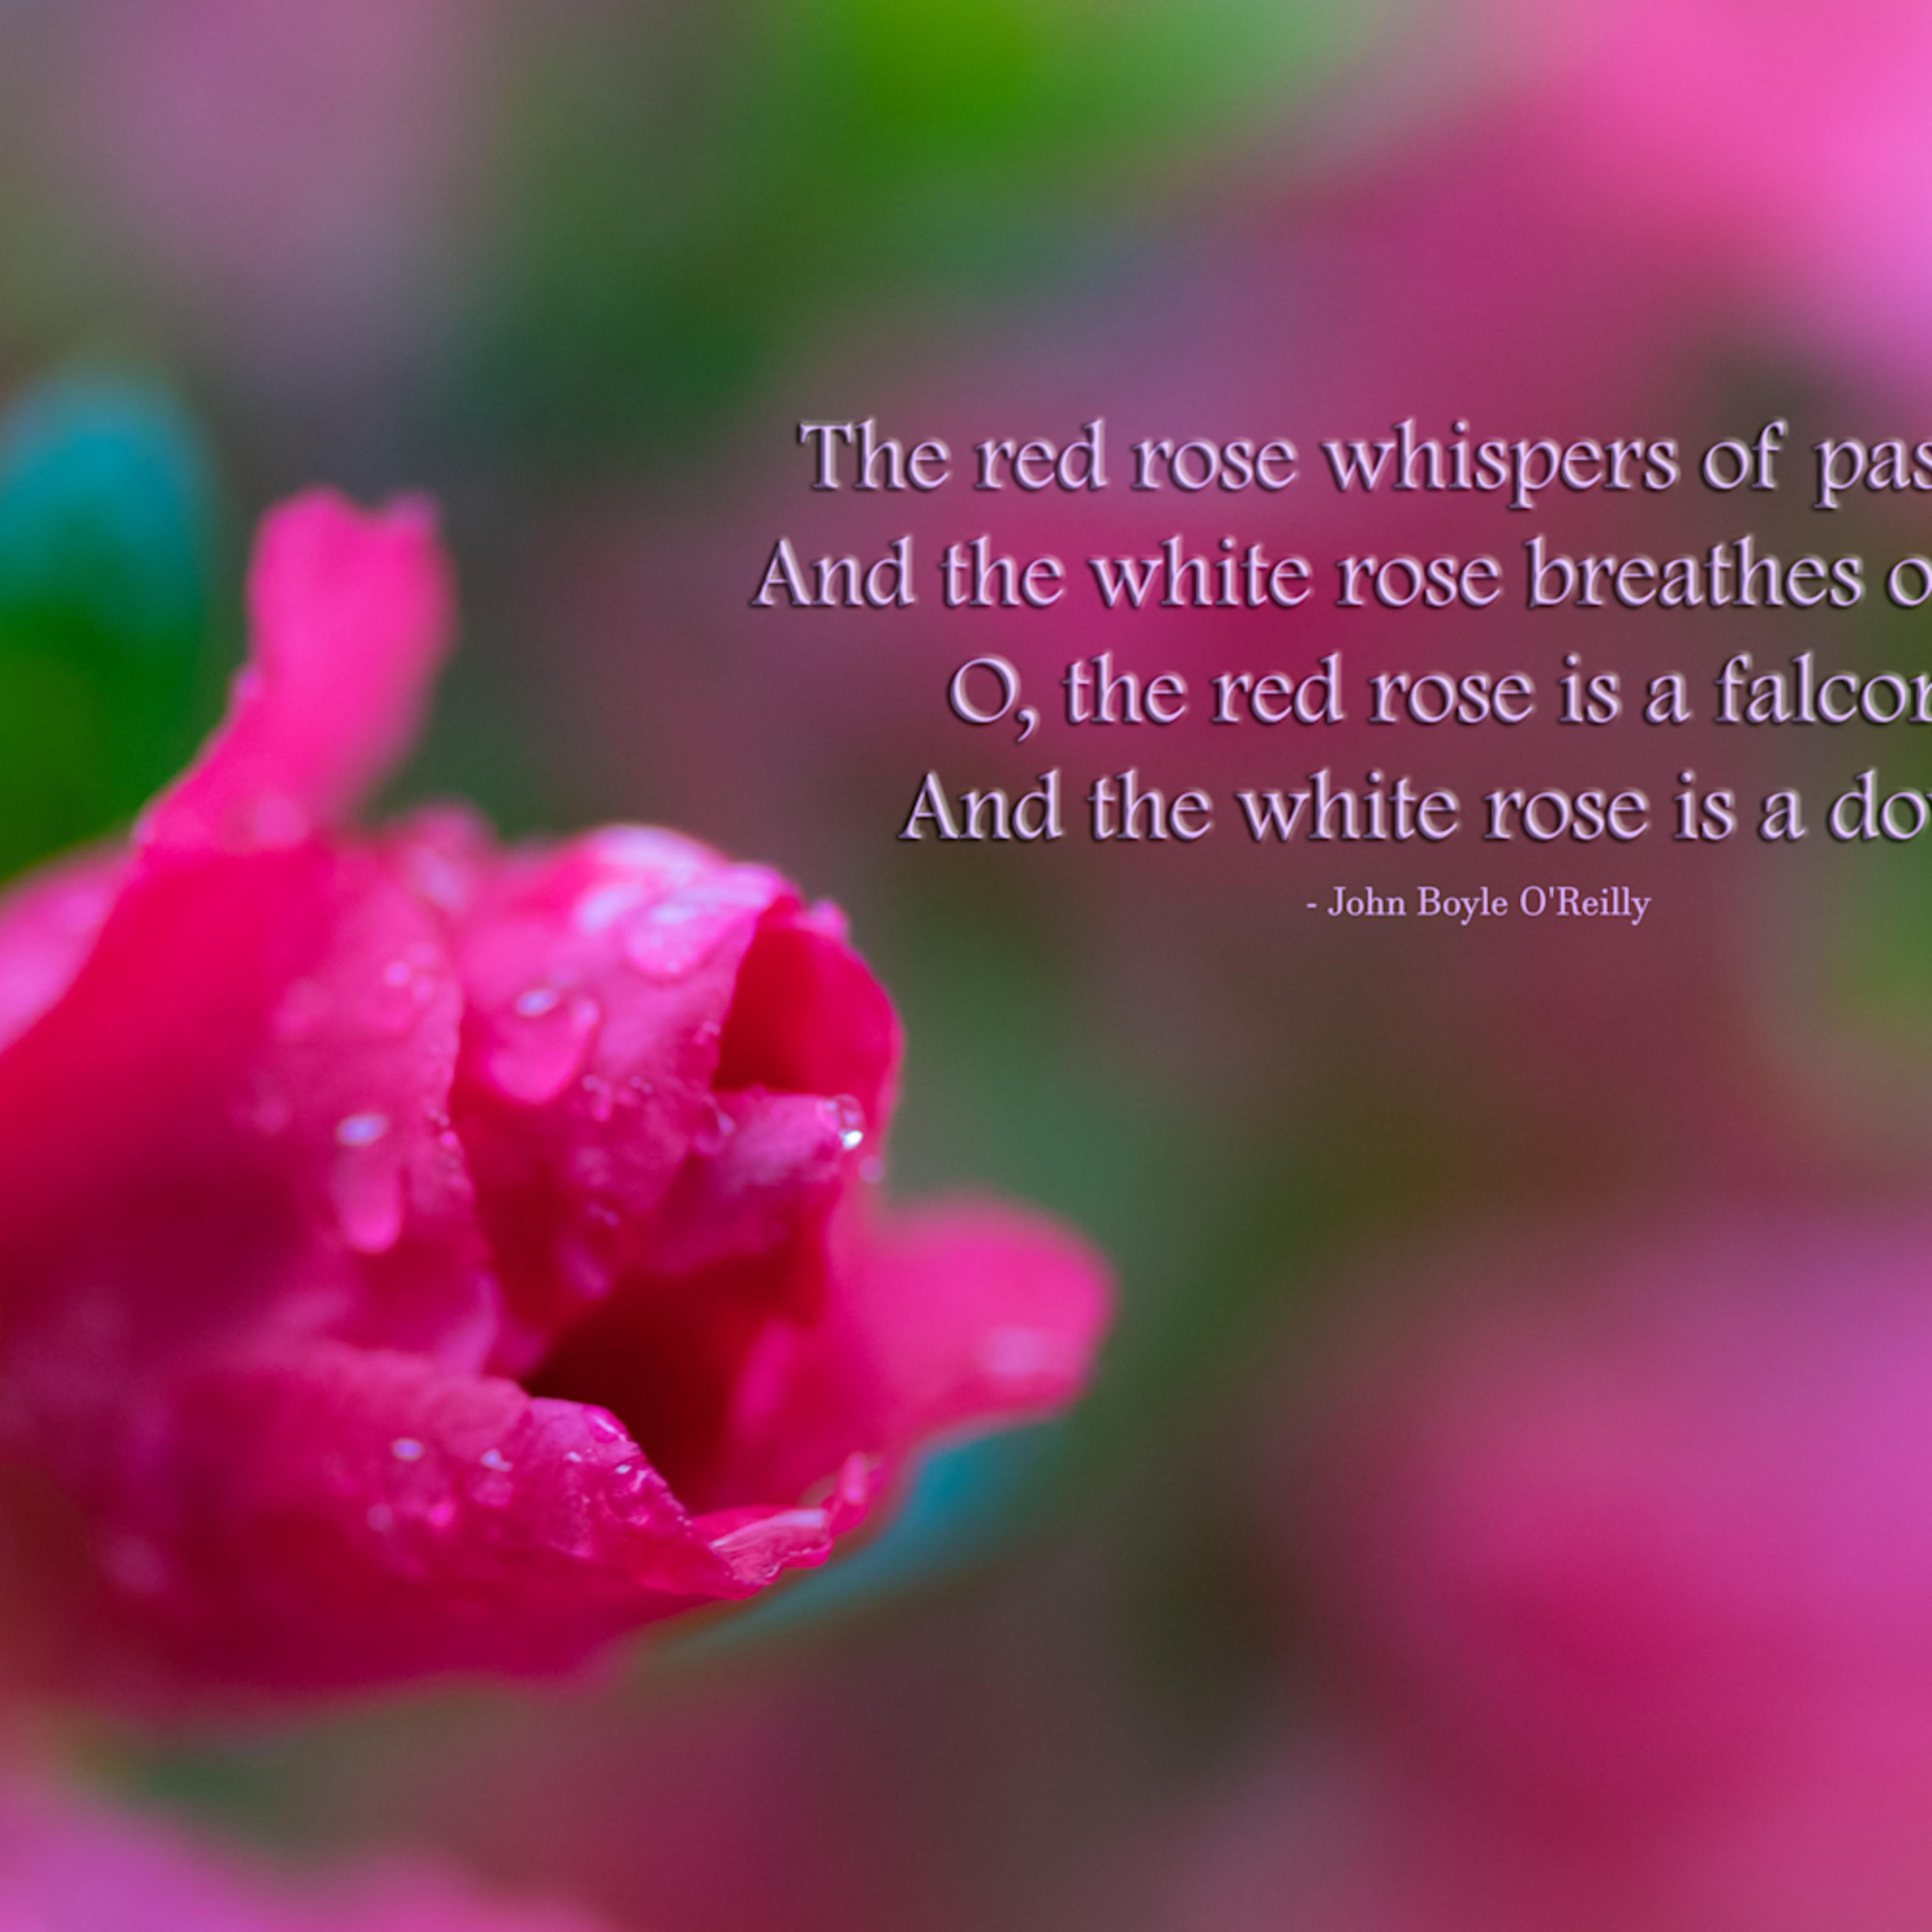 Rose   whispers of passion v6q6q5